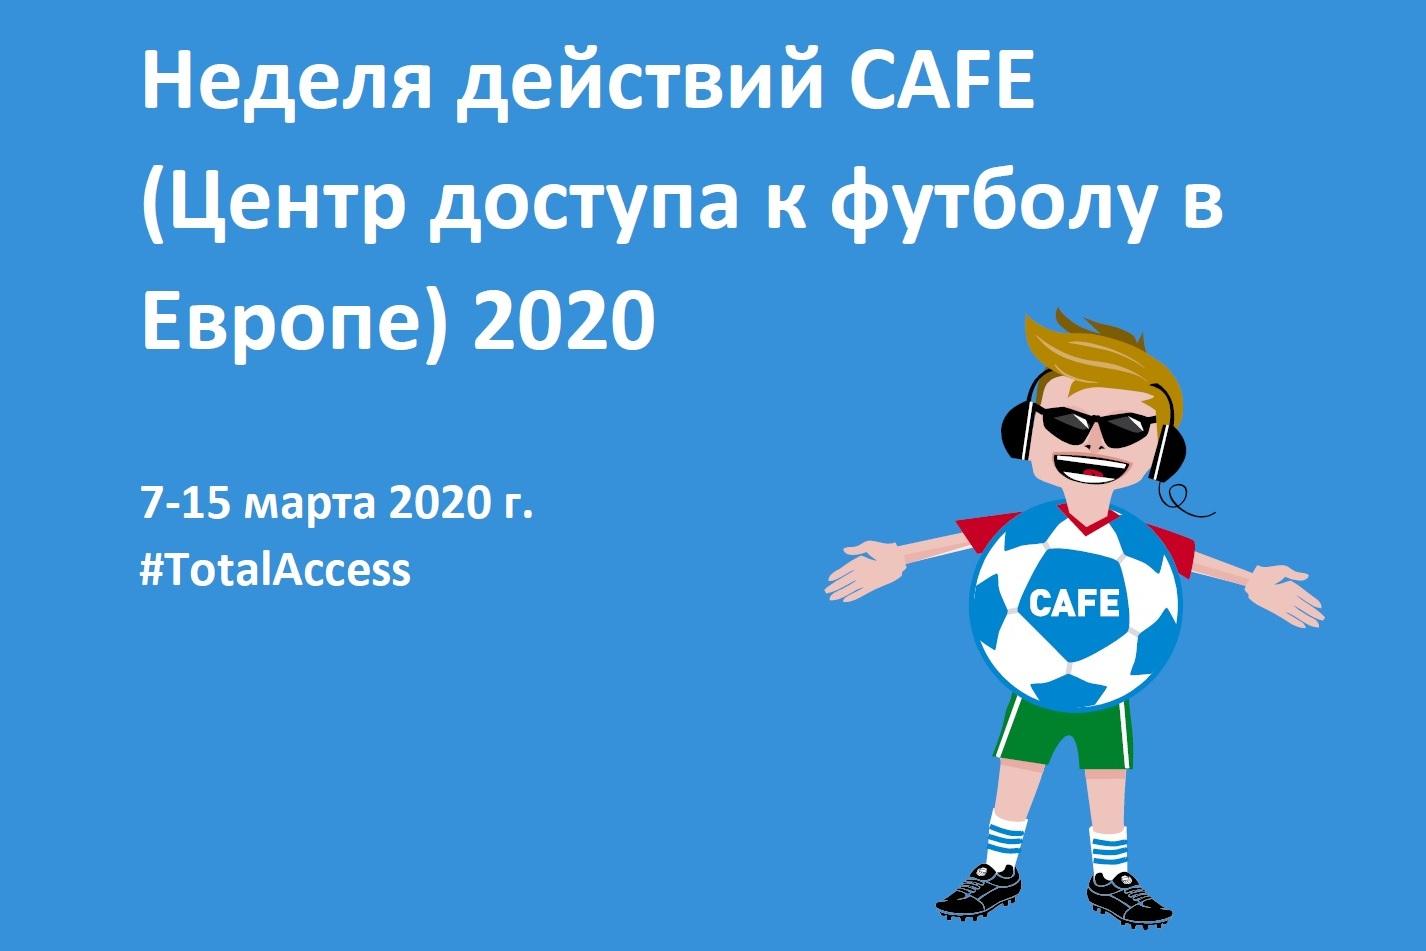 cafe_sait(1)